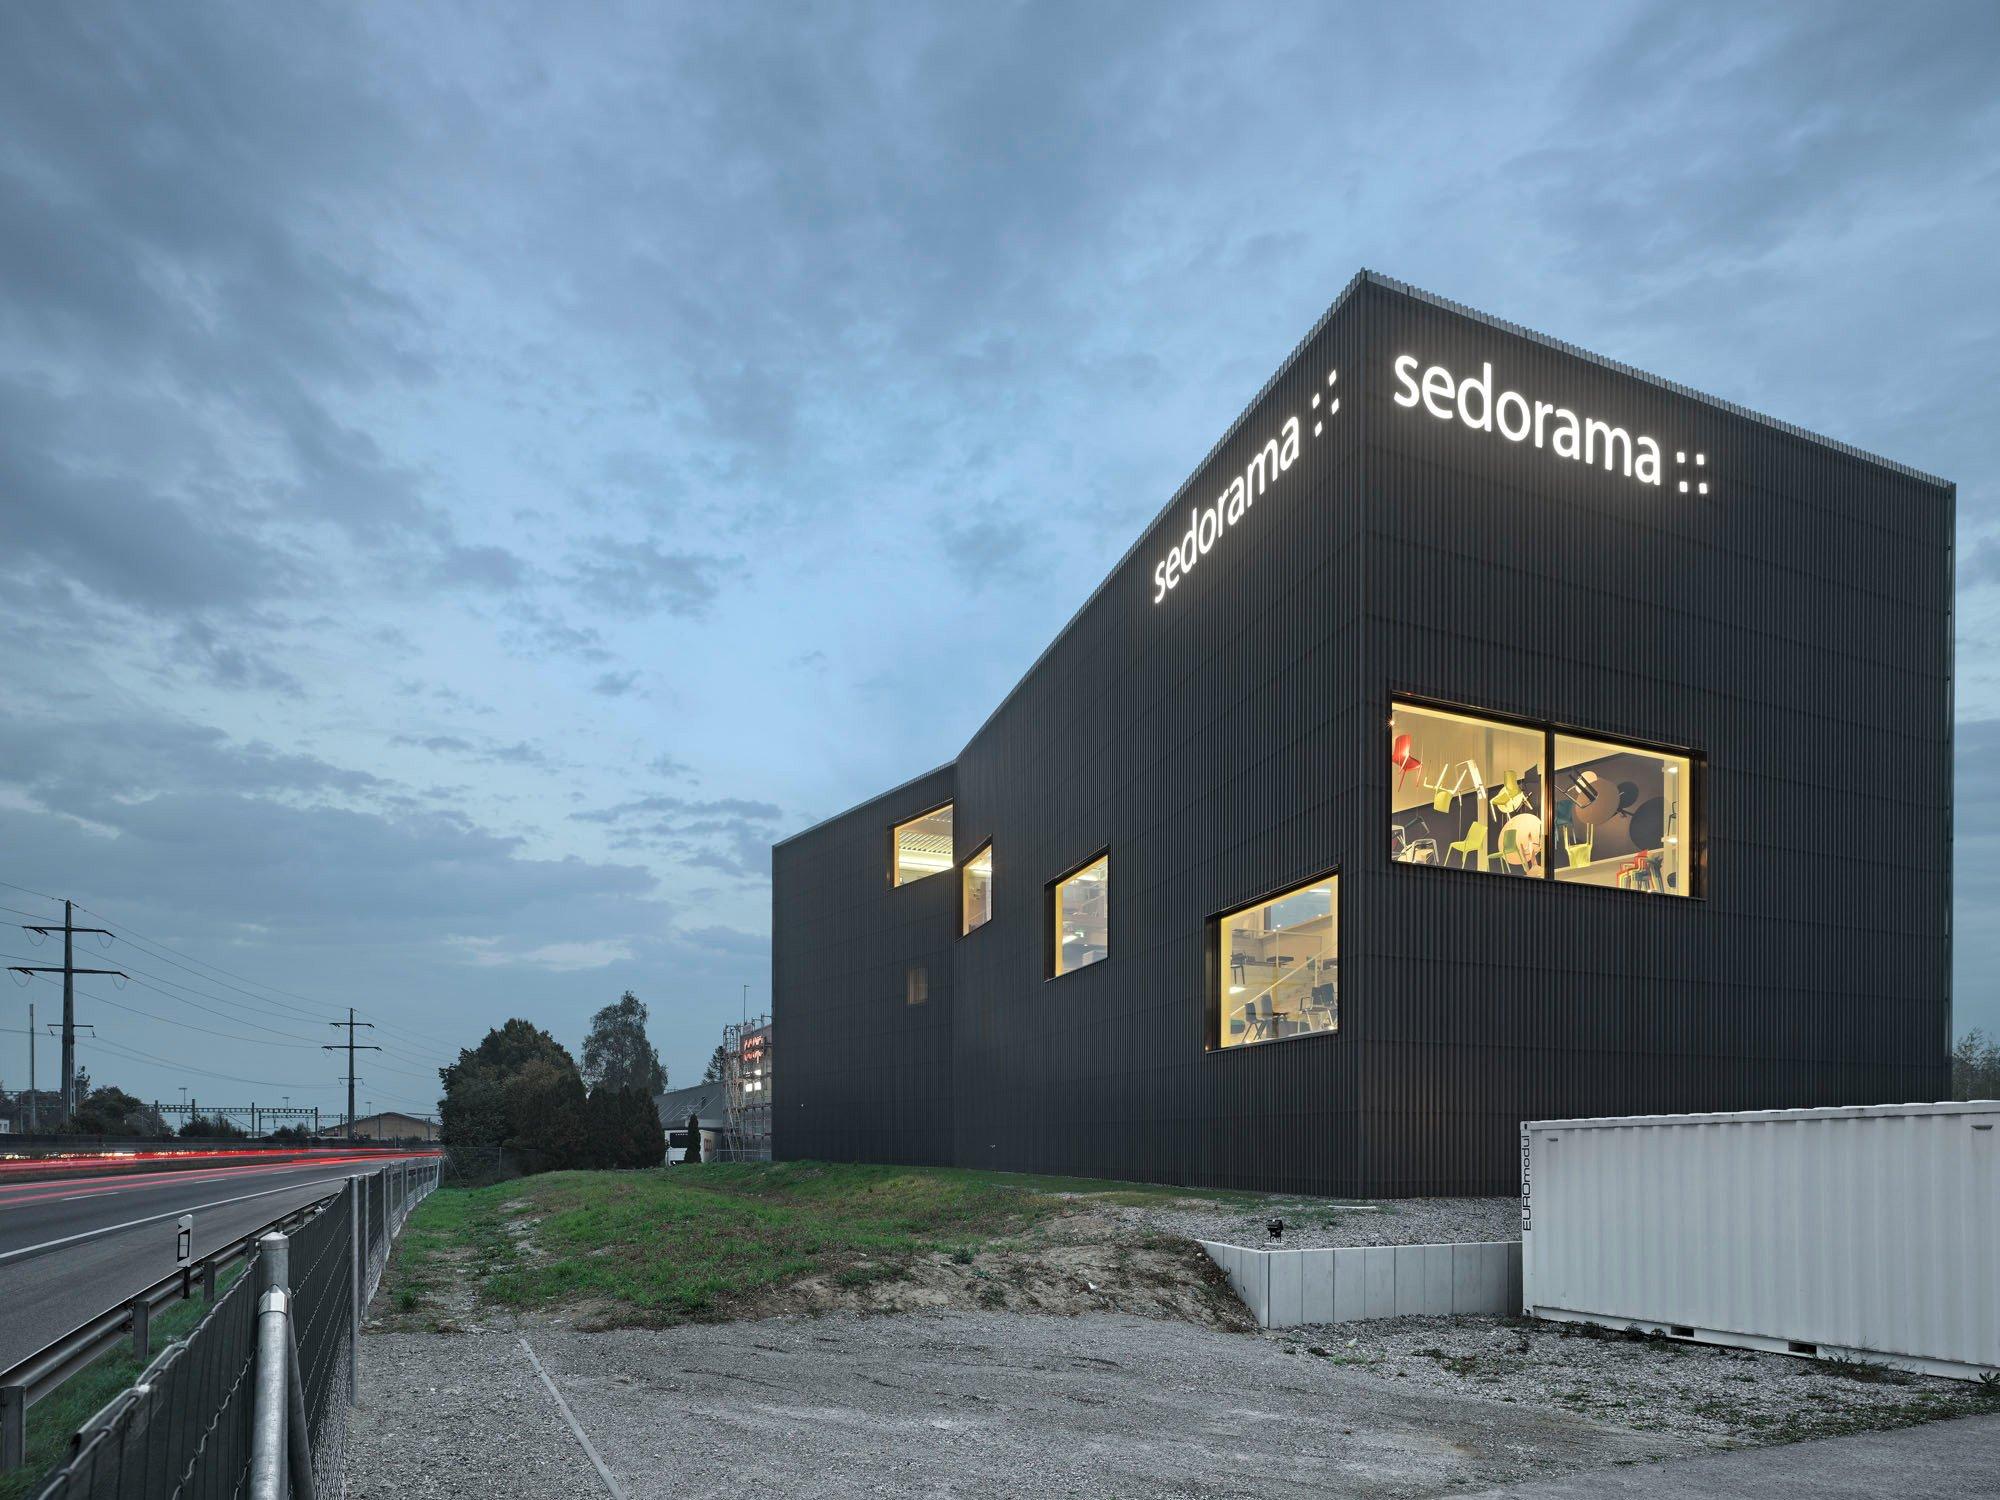 firmensitz f r sedorama in sch nb hl fassade gewerbe industrie baunetz wissen. Black Bedroom Furniture Sets. Home Design Ideas